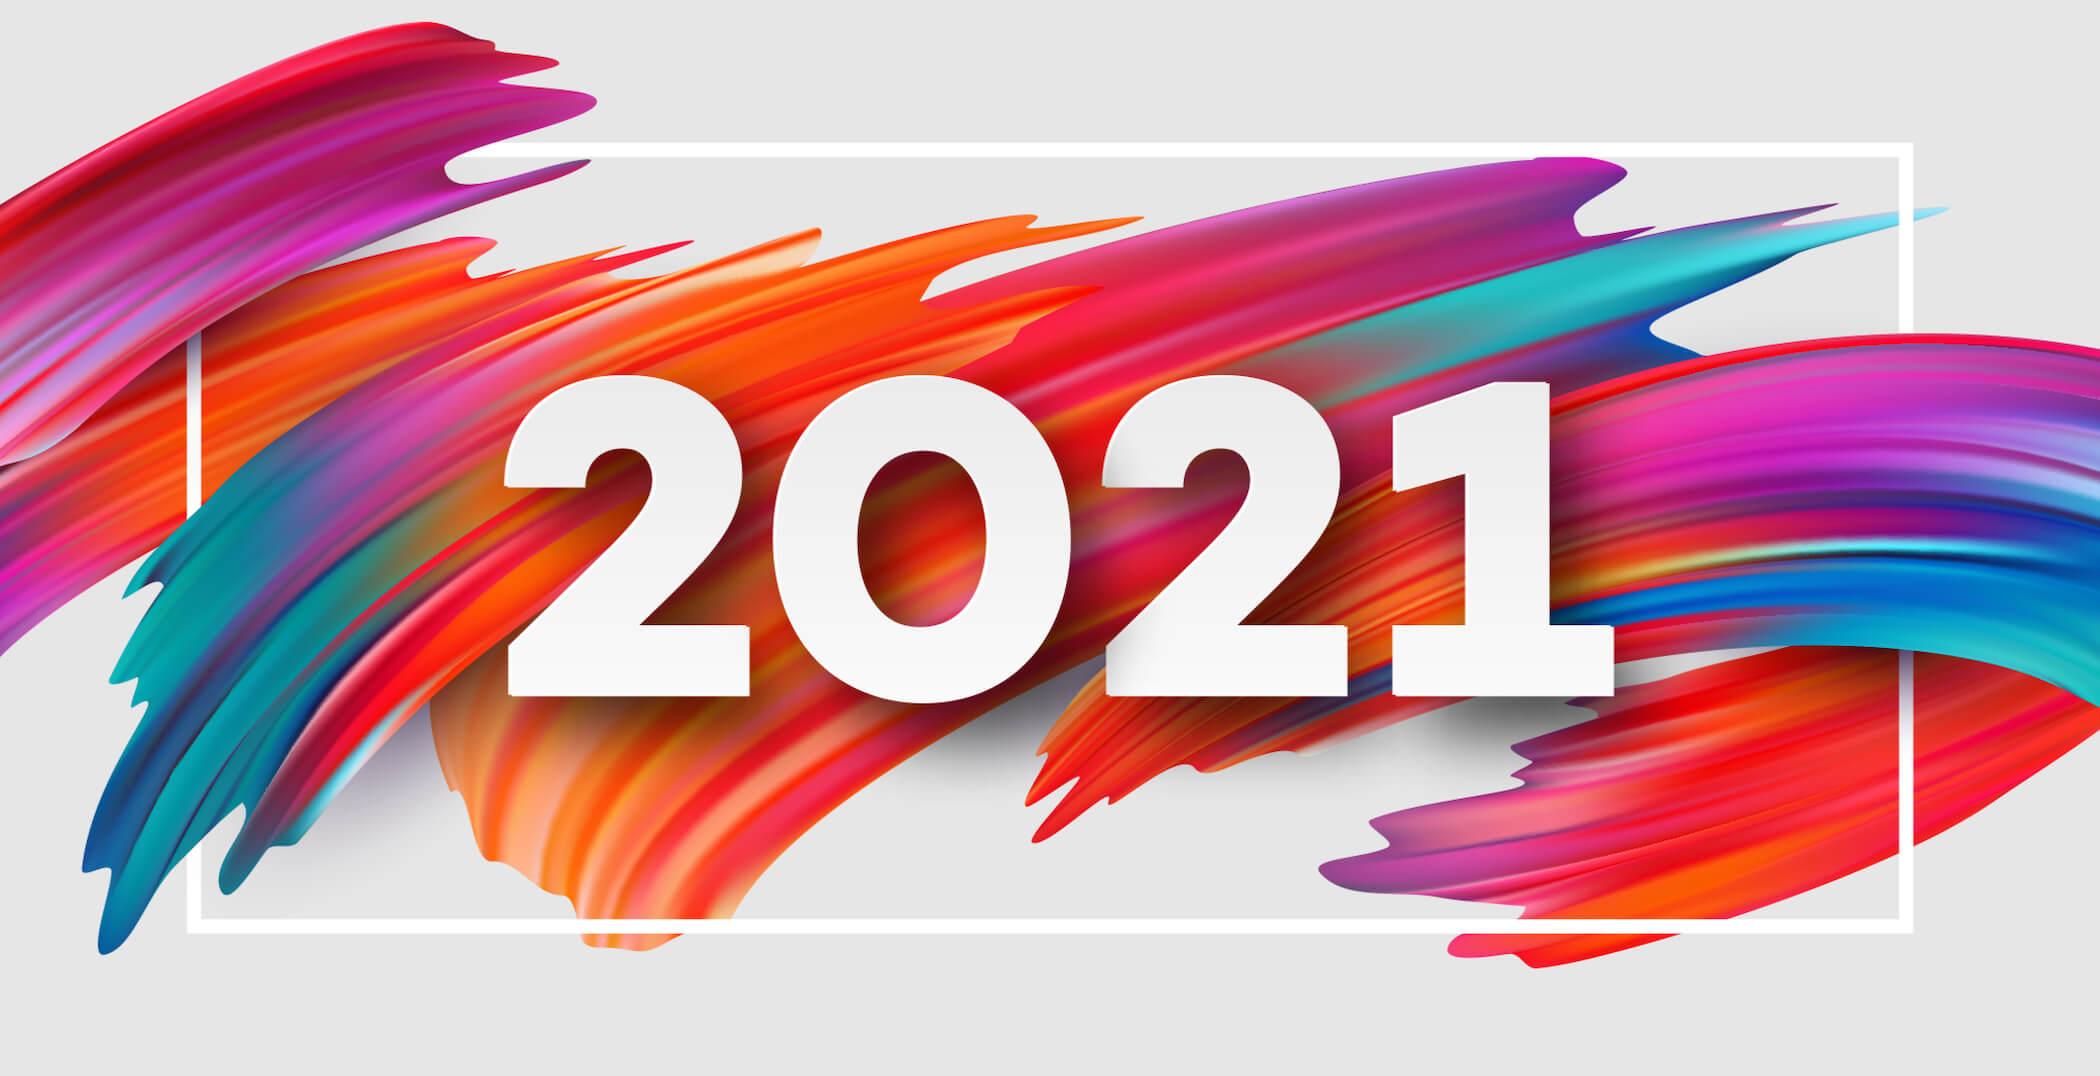 Пульты Атлант - с новым годом 2021!